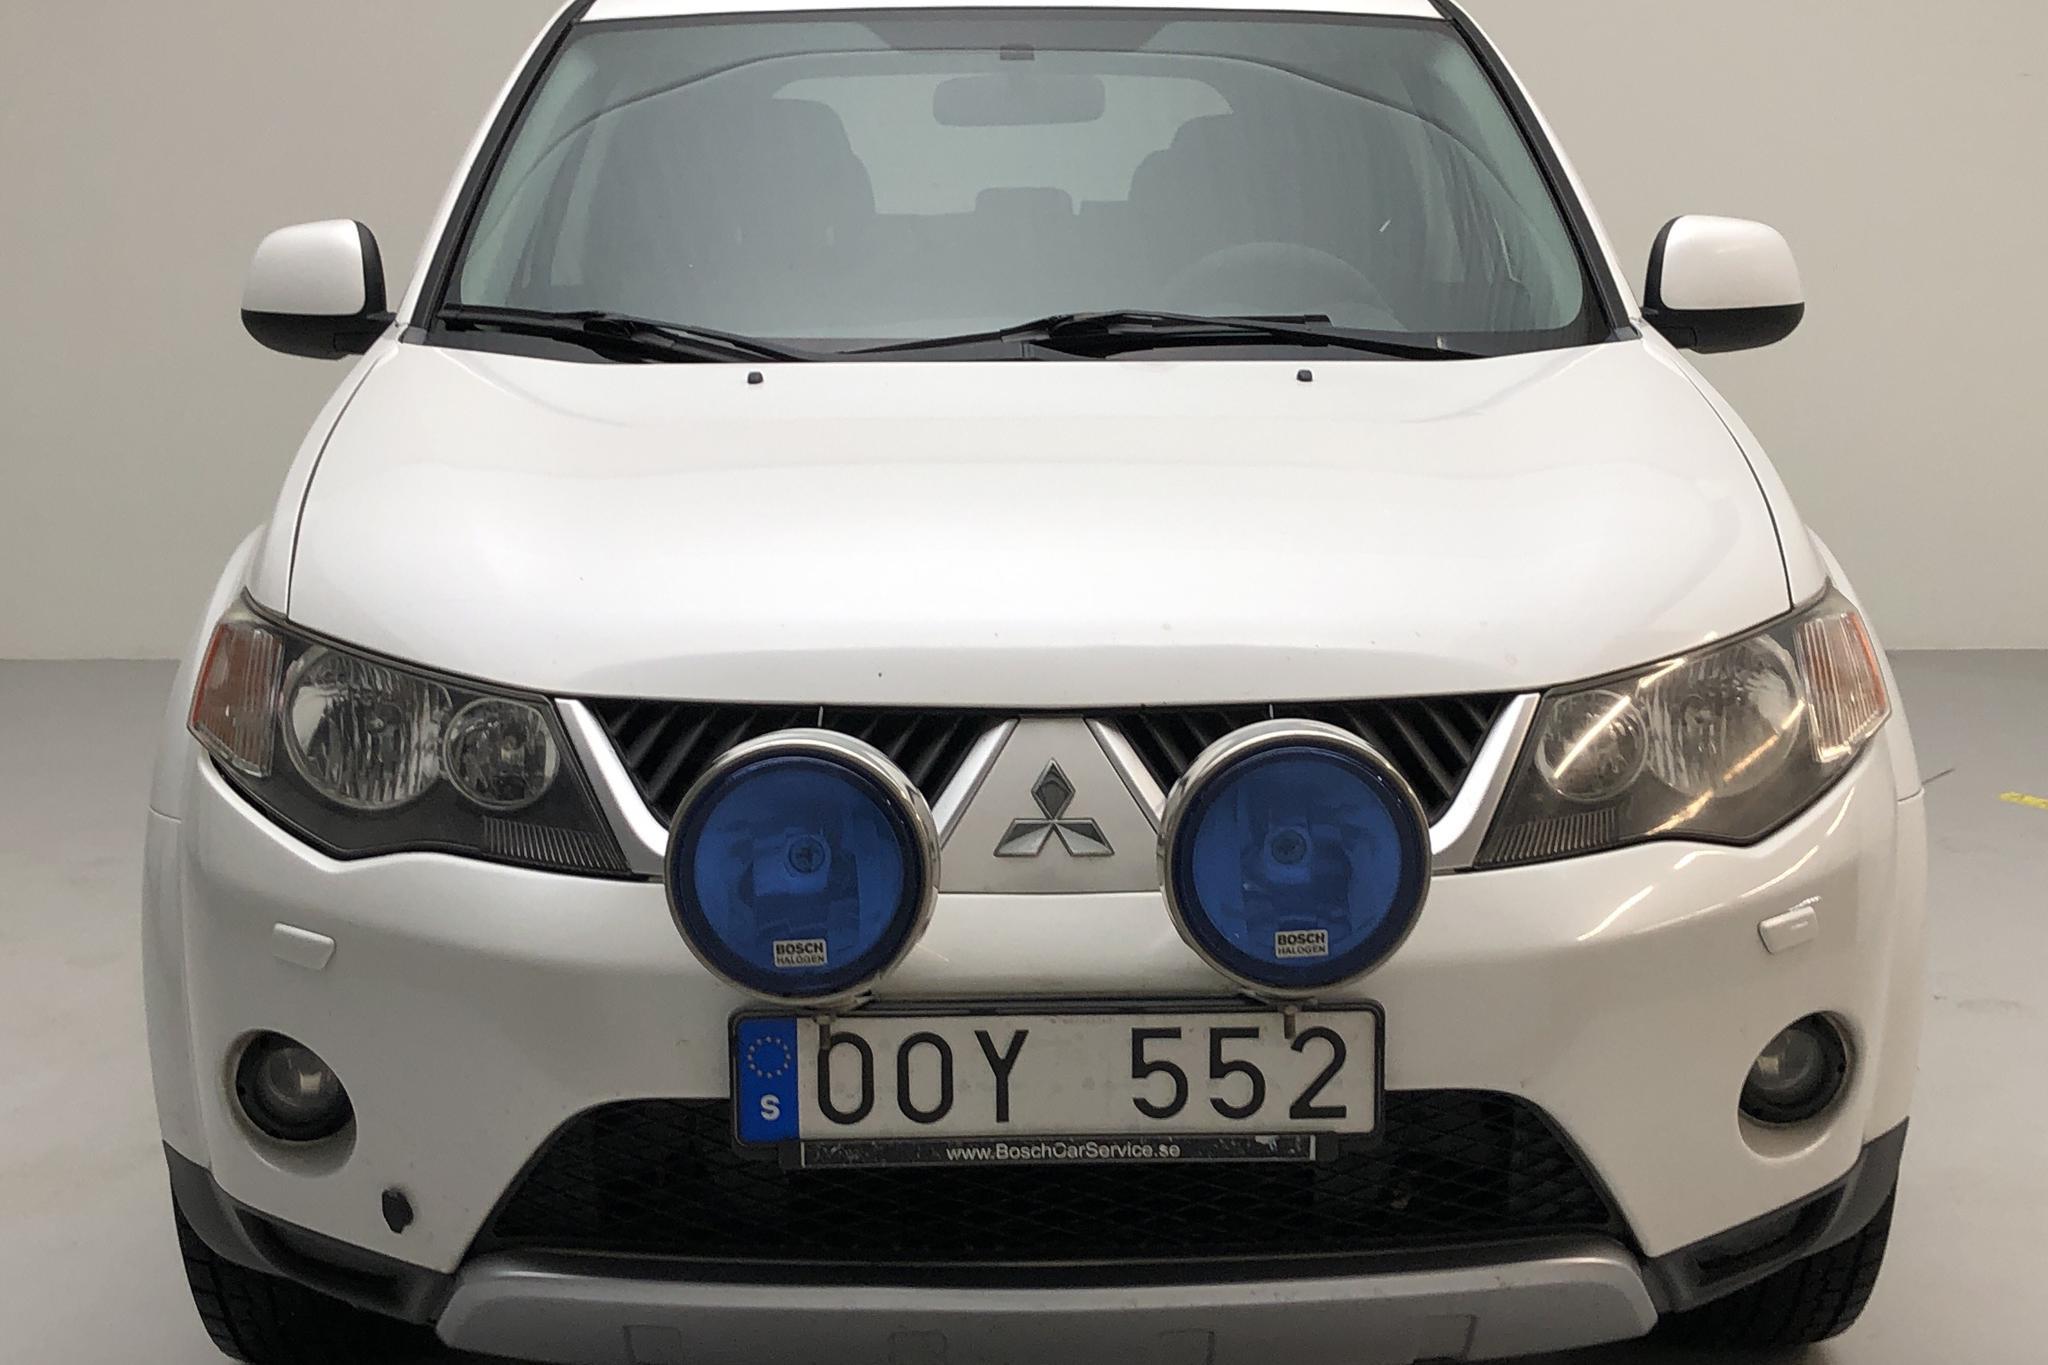 Mitsubishi Outlander 2.2 Di-D (156hk) - 271 120 km - Manual - white - 2008